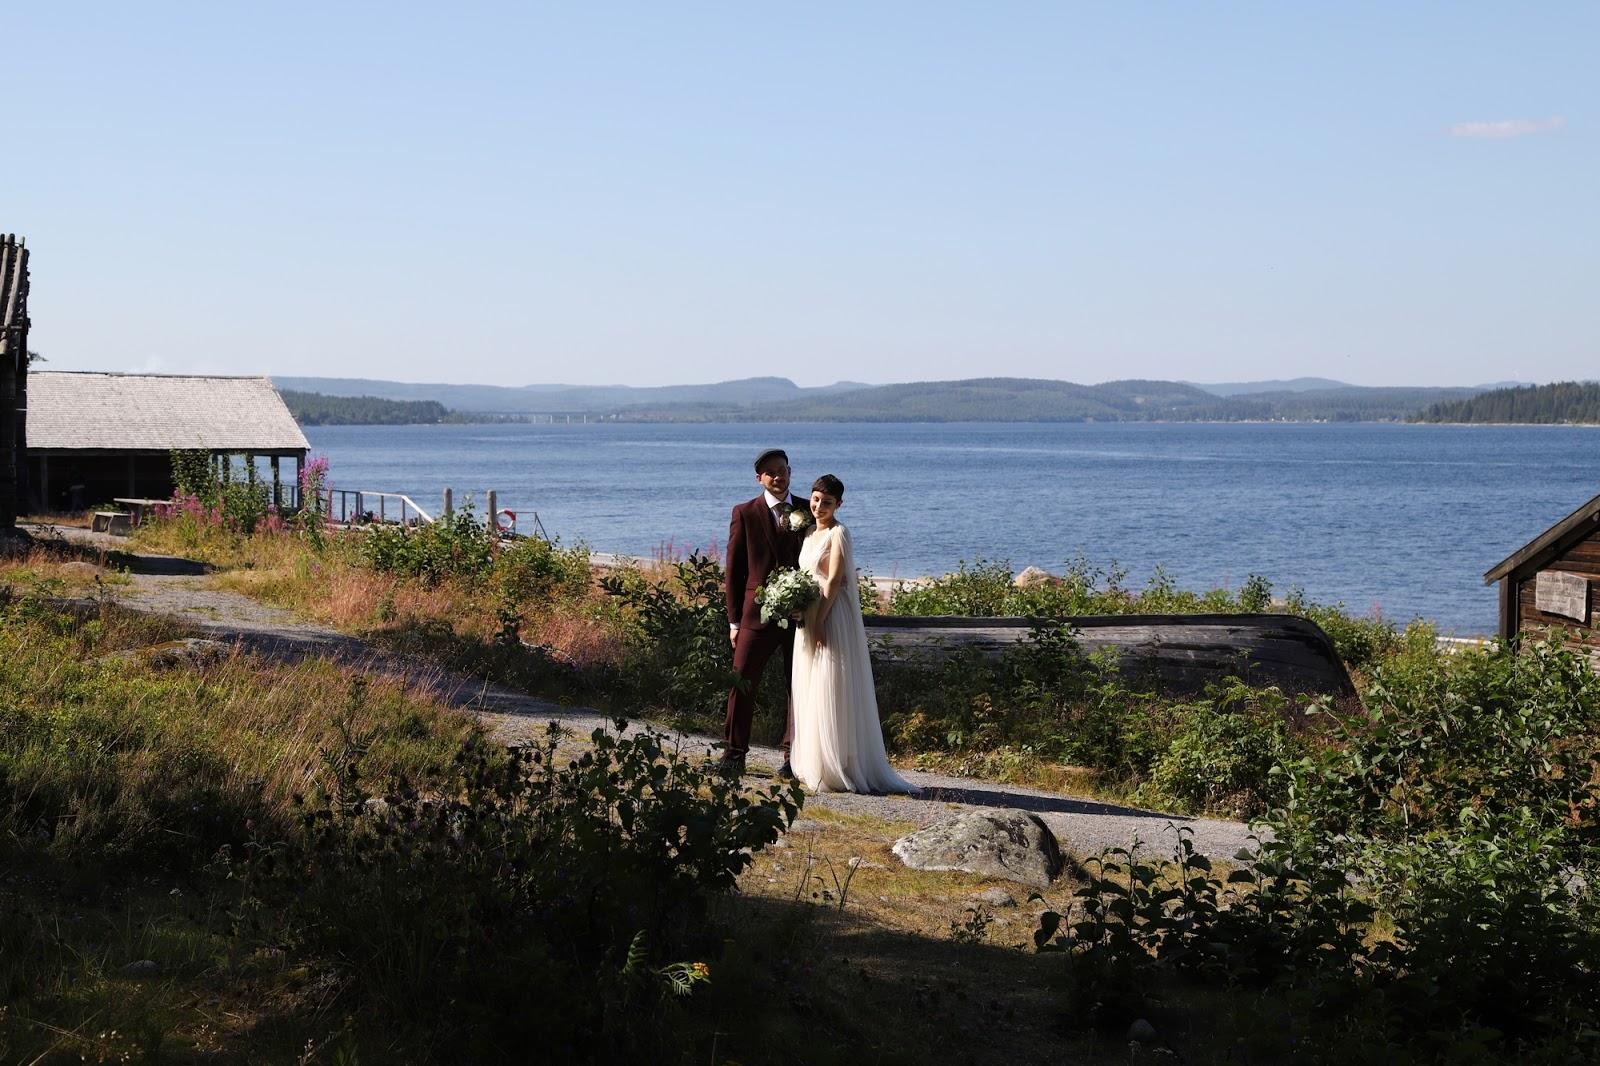 Fotograf Härnösand, bröllop Sälsten, Höga kusten, fotograf Maria-Thérèse Sommar